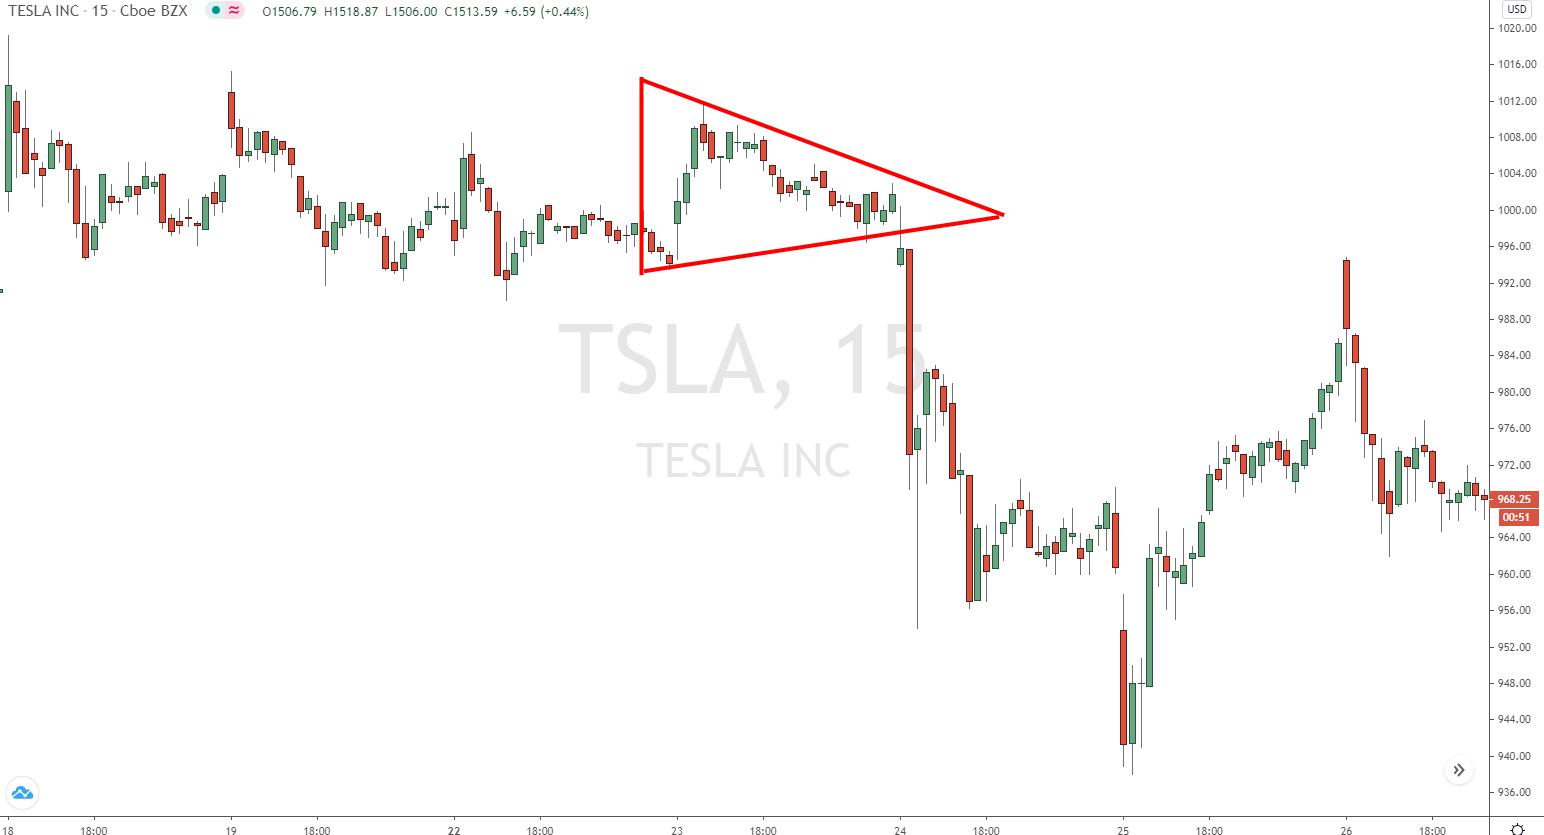 Flagge im Tesla Chart